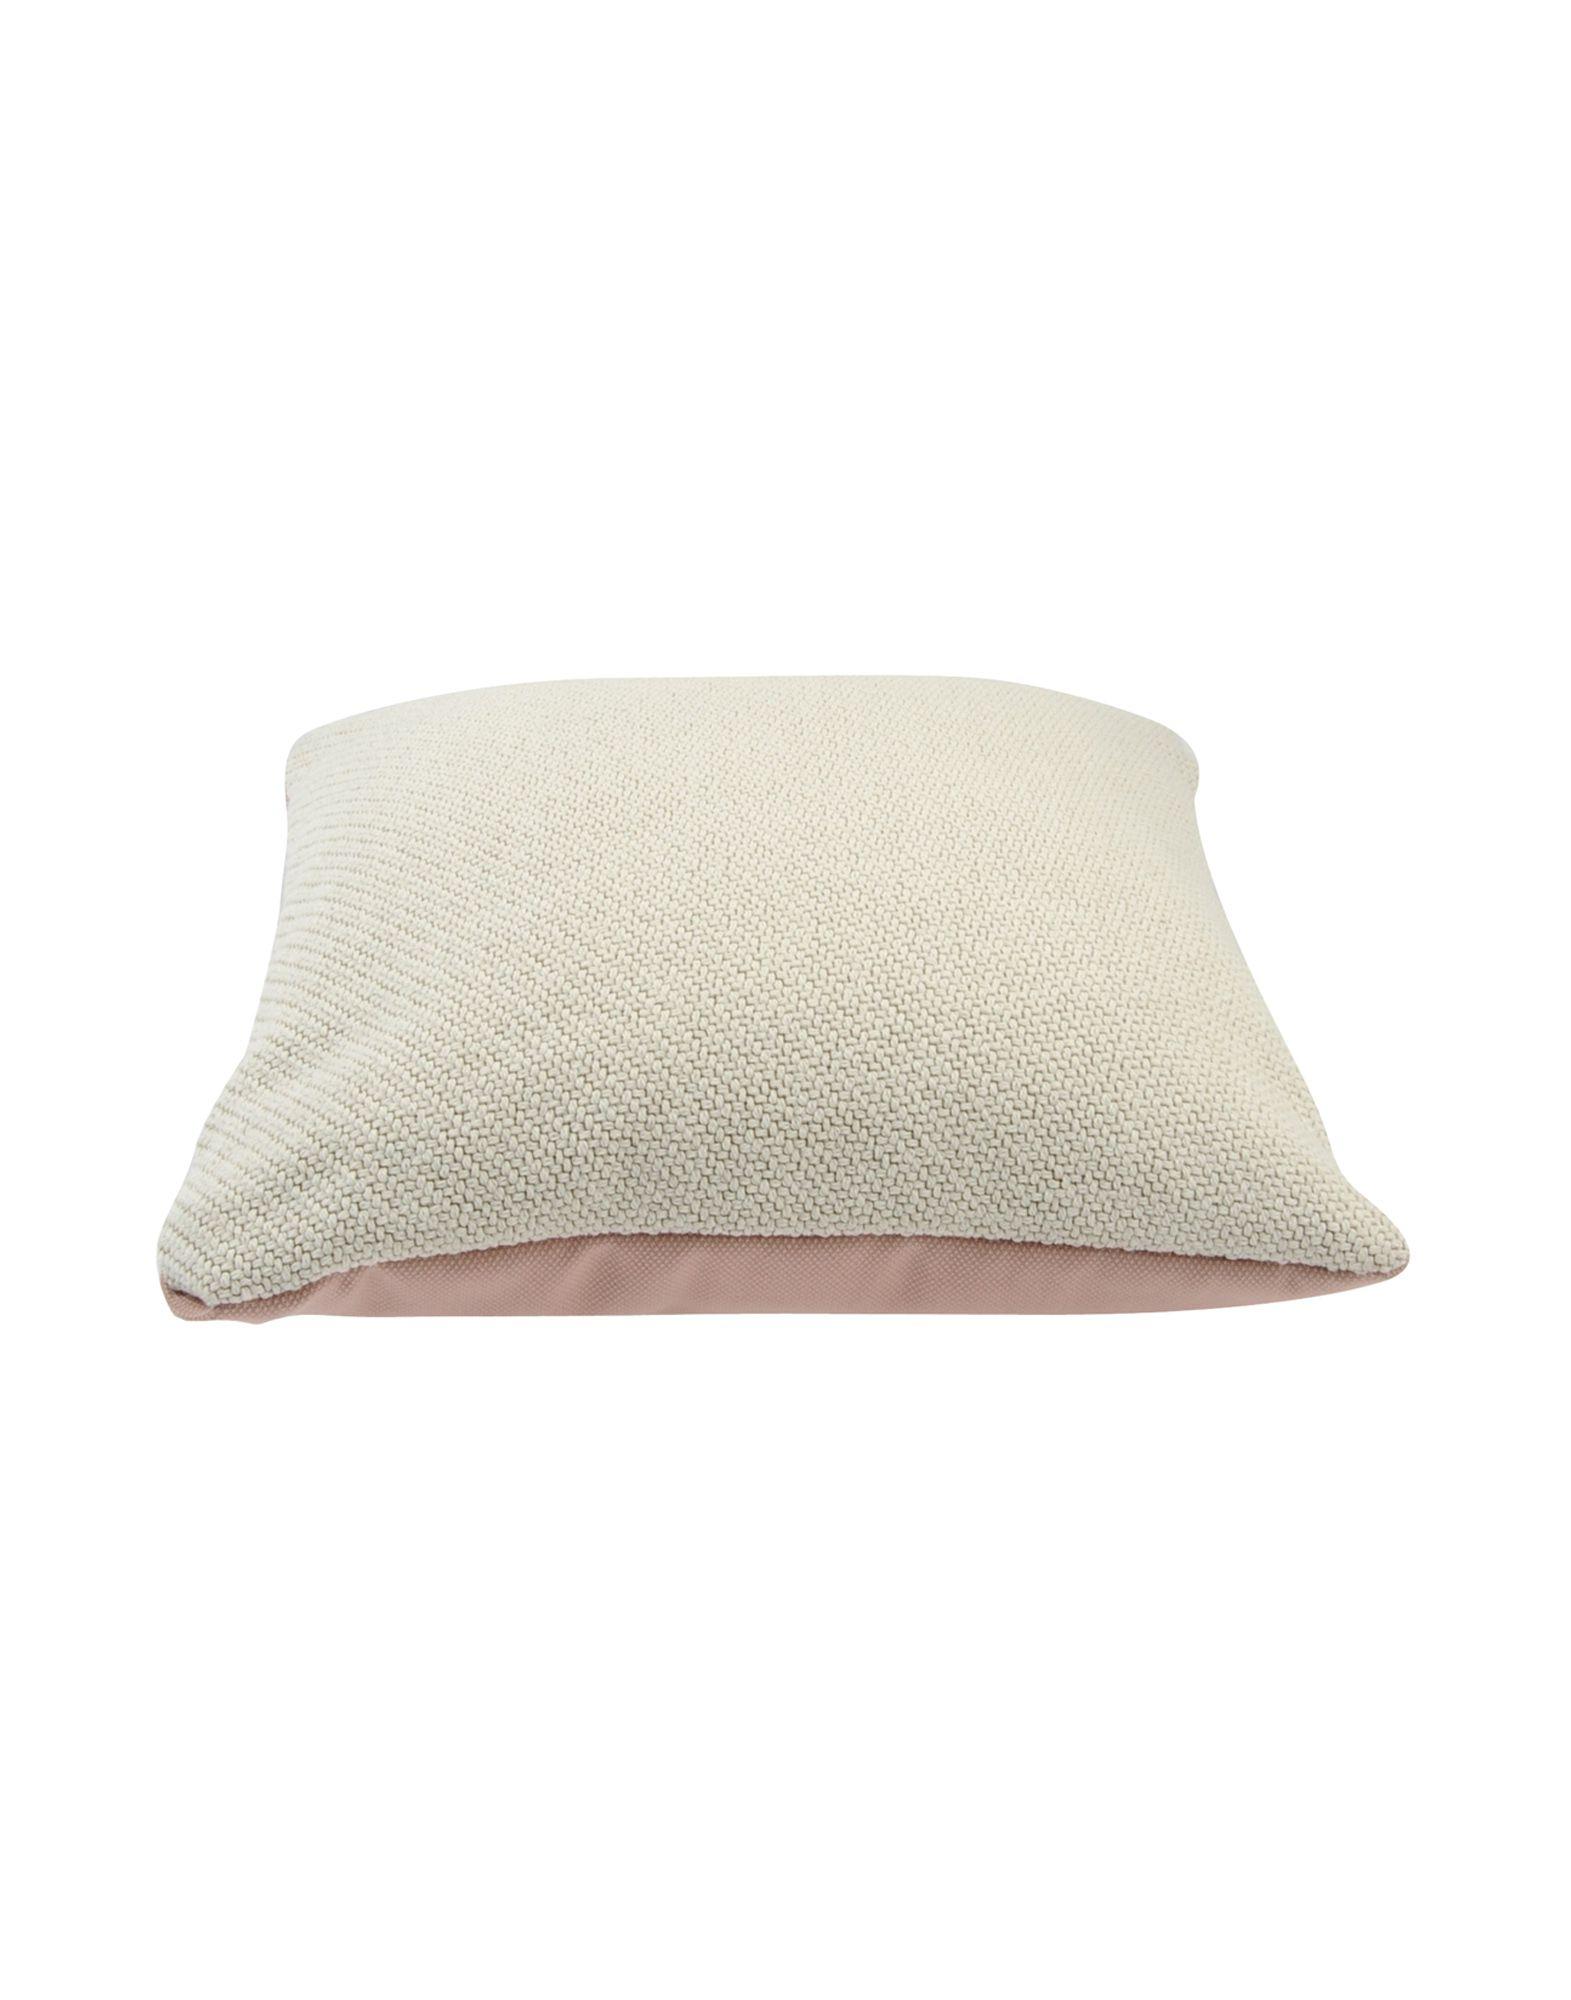 《送料無料》MUUTO Unisex クッション ローズピンク 紡績繊維